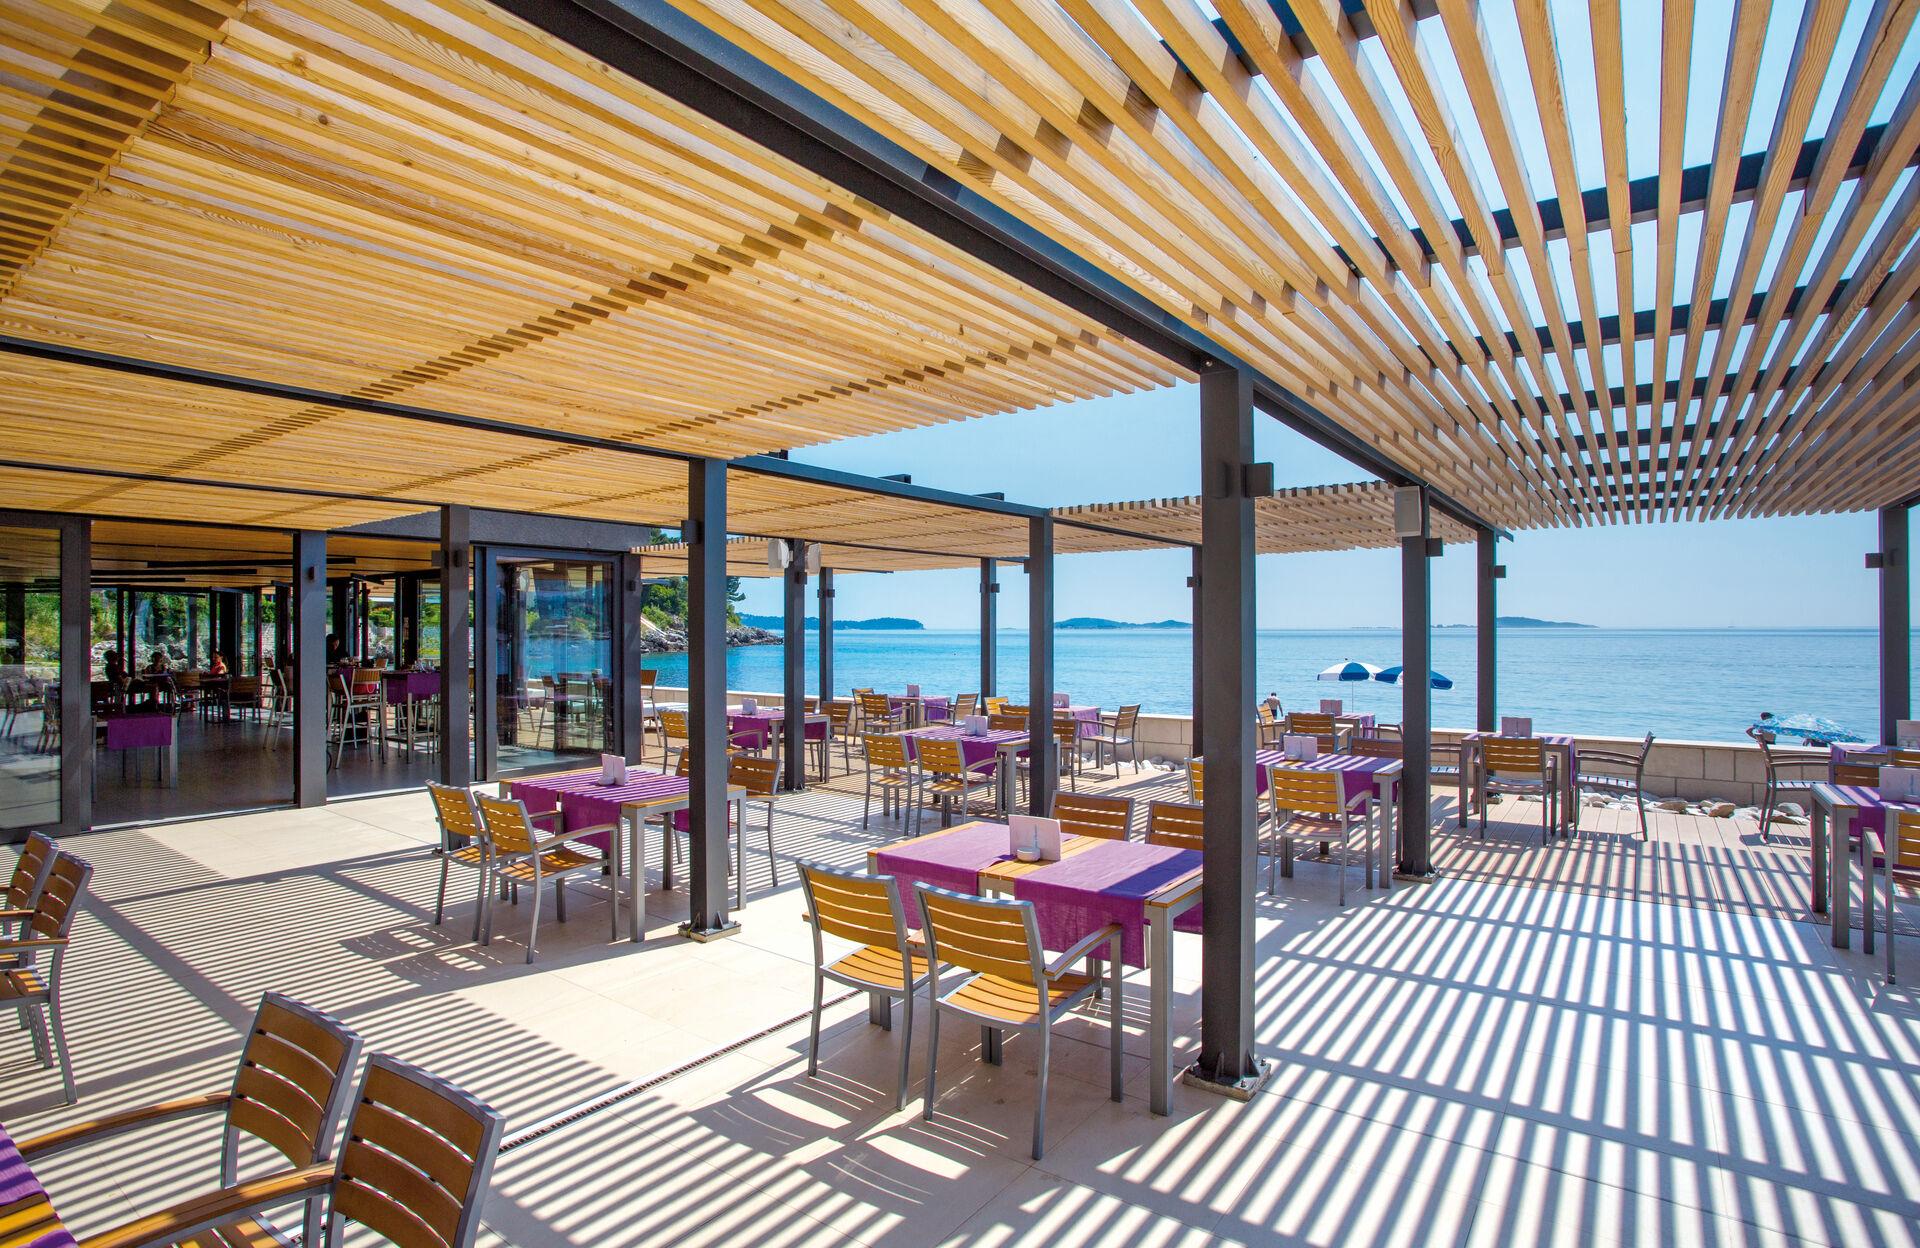 Croatie - Dubrovnik - Hôtel Astarea 3*